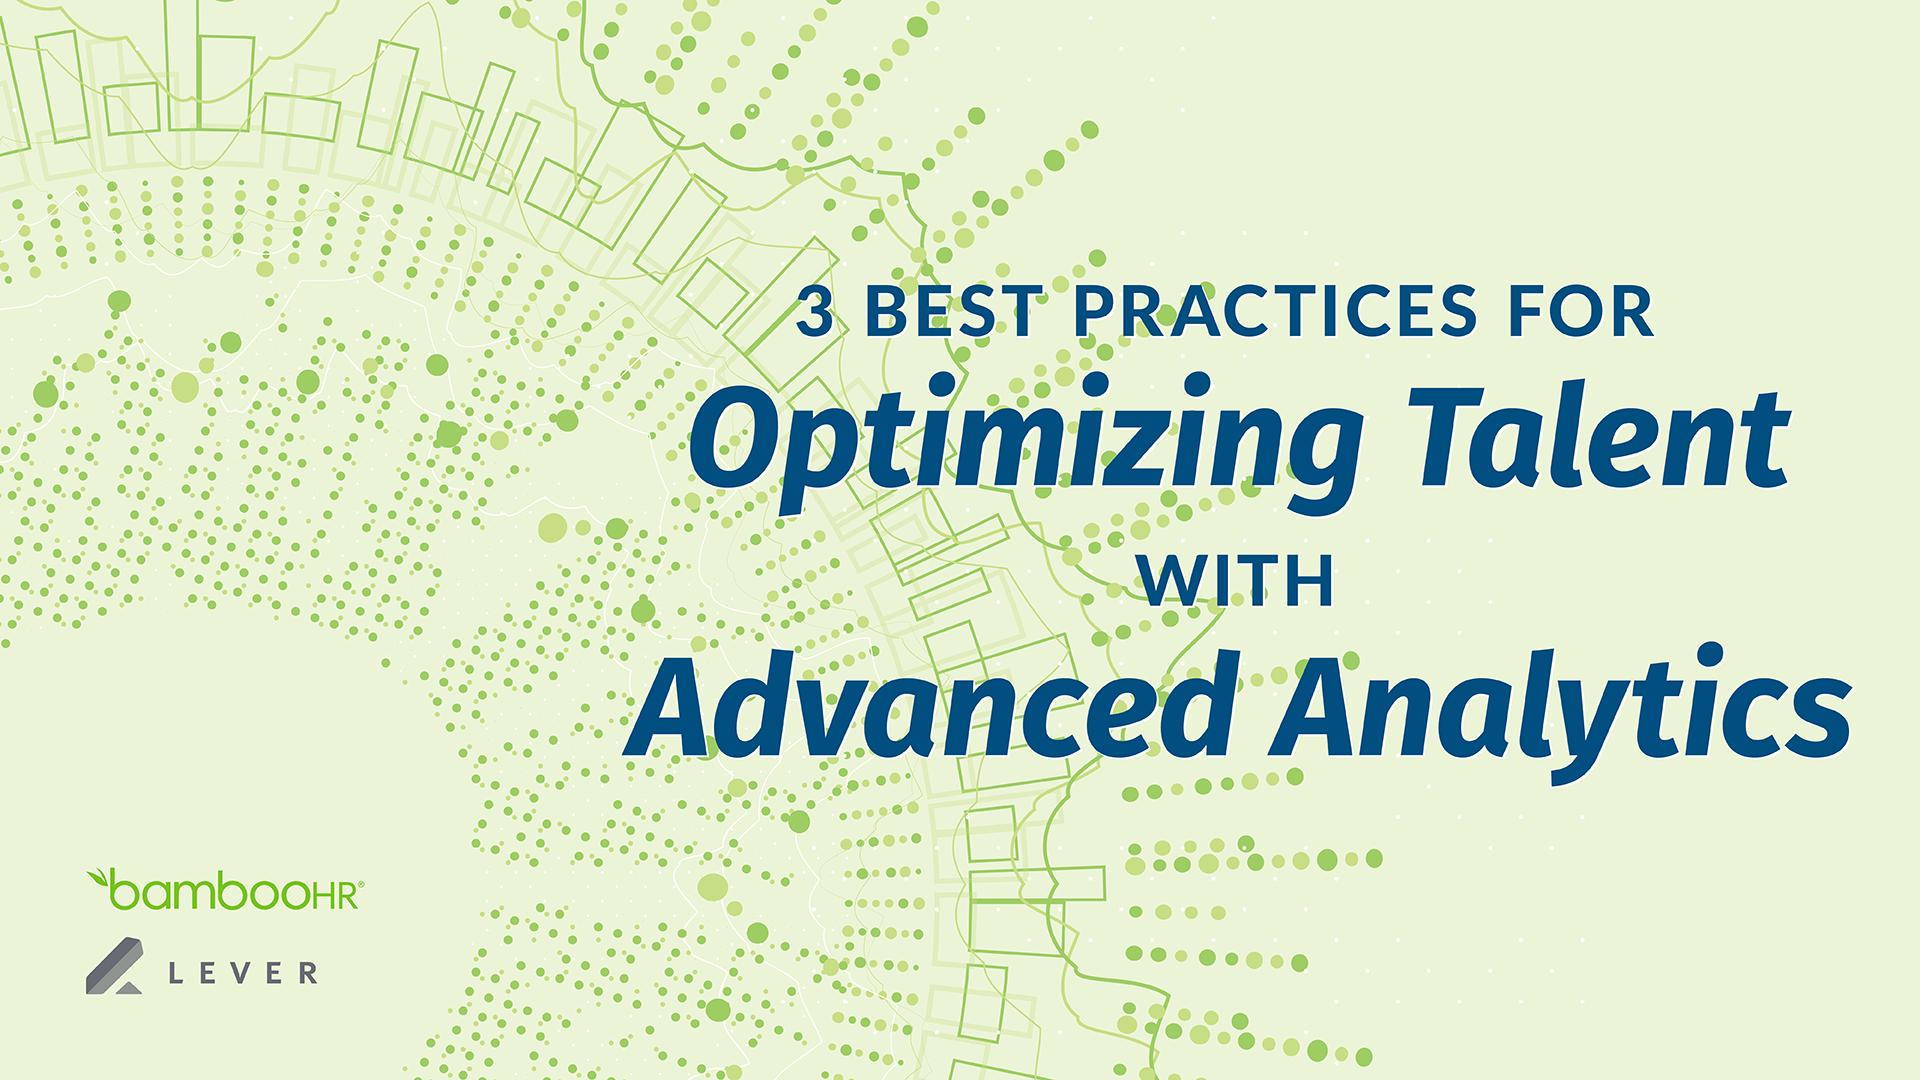 3个最佳实践优化人才与高级分析